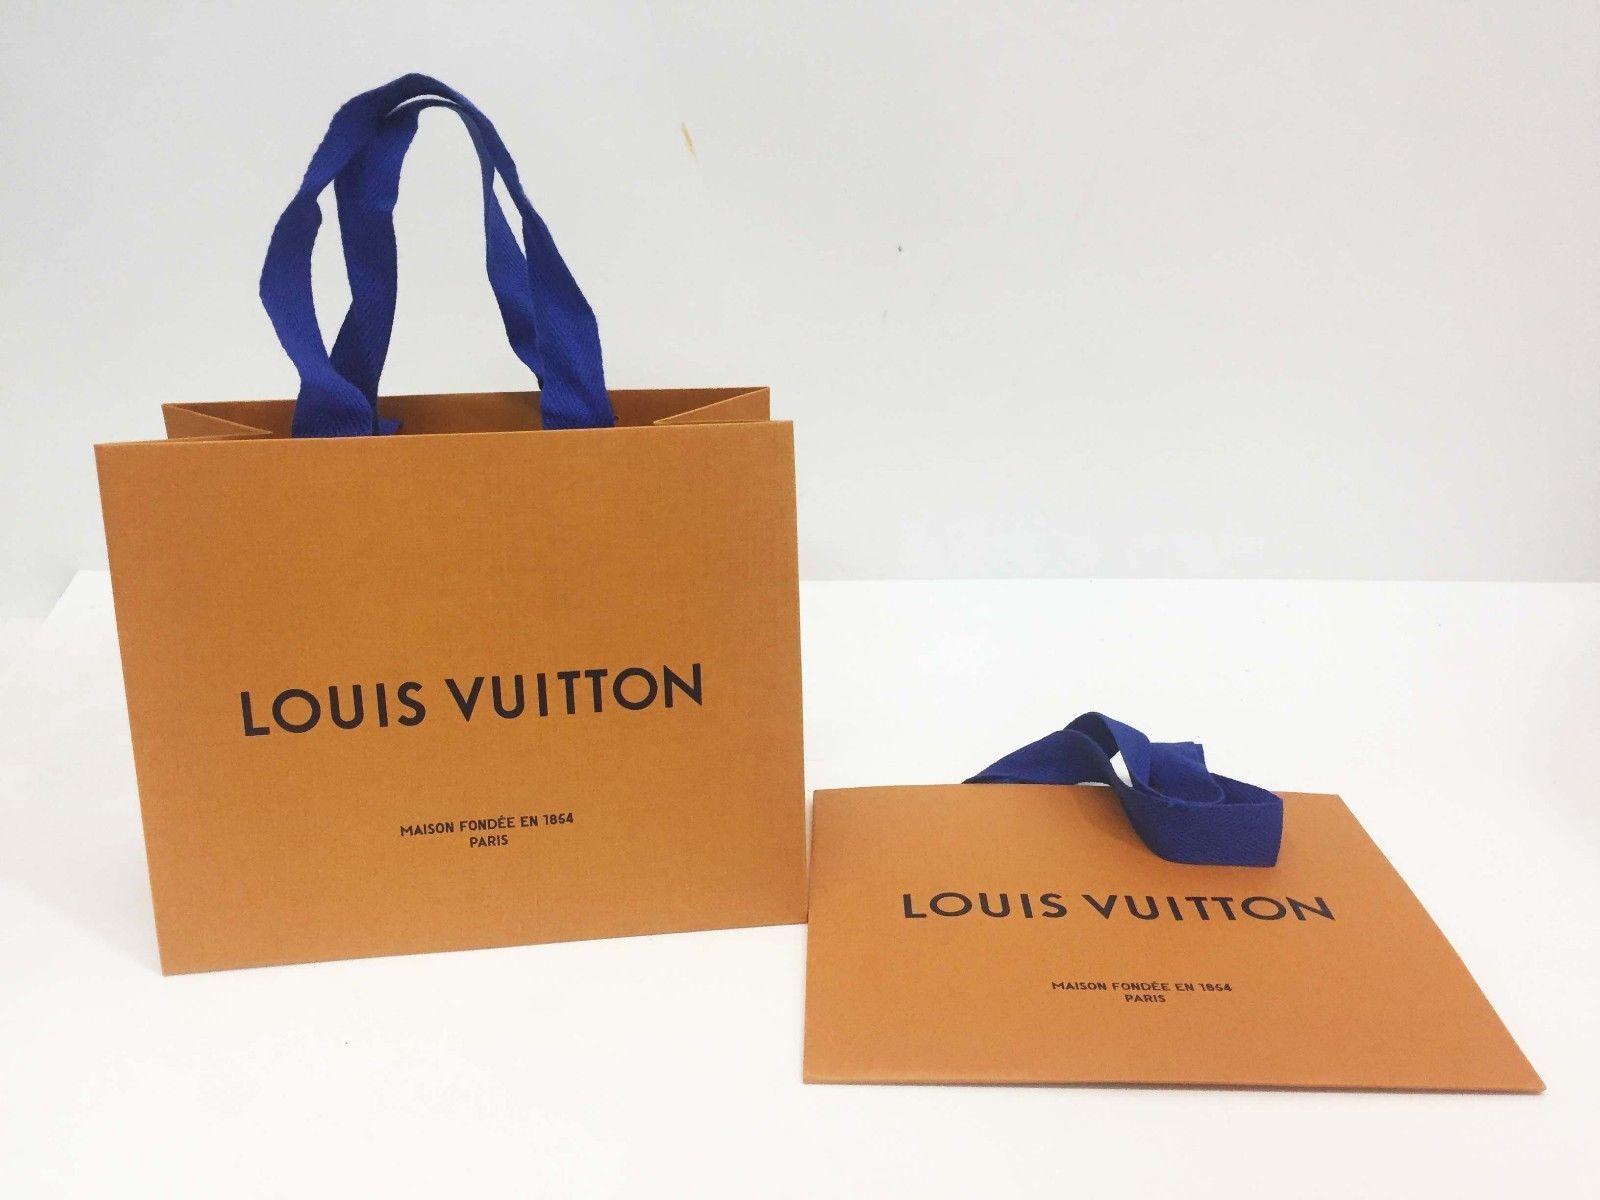 3f025861e20d Auth Louis Vuitton Edition Small Paper Bag 2-Item Set Orange (8.5